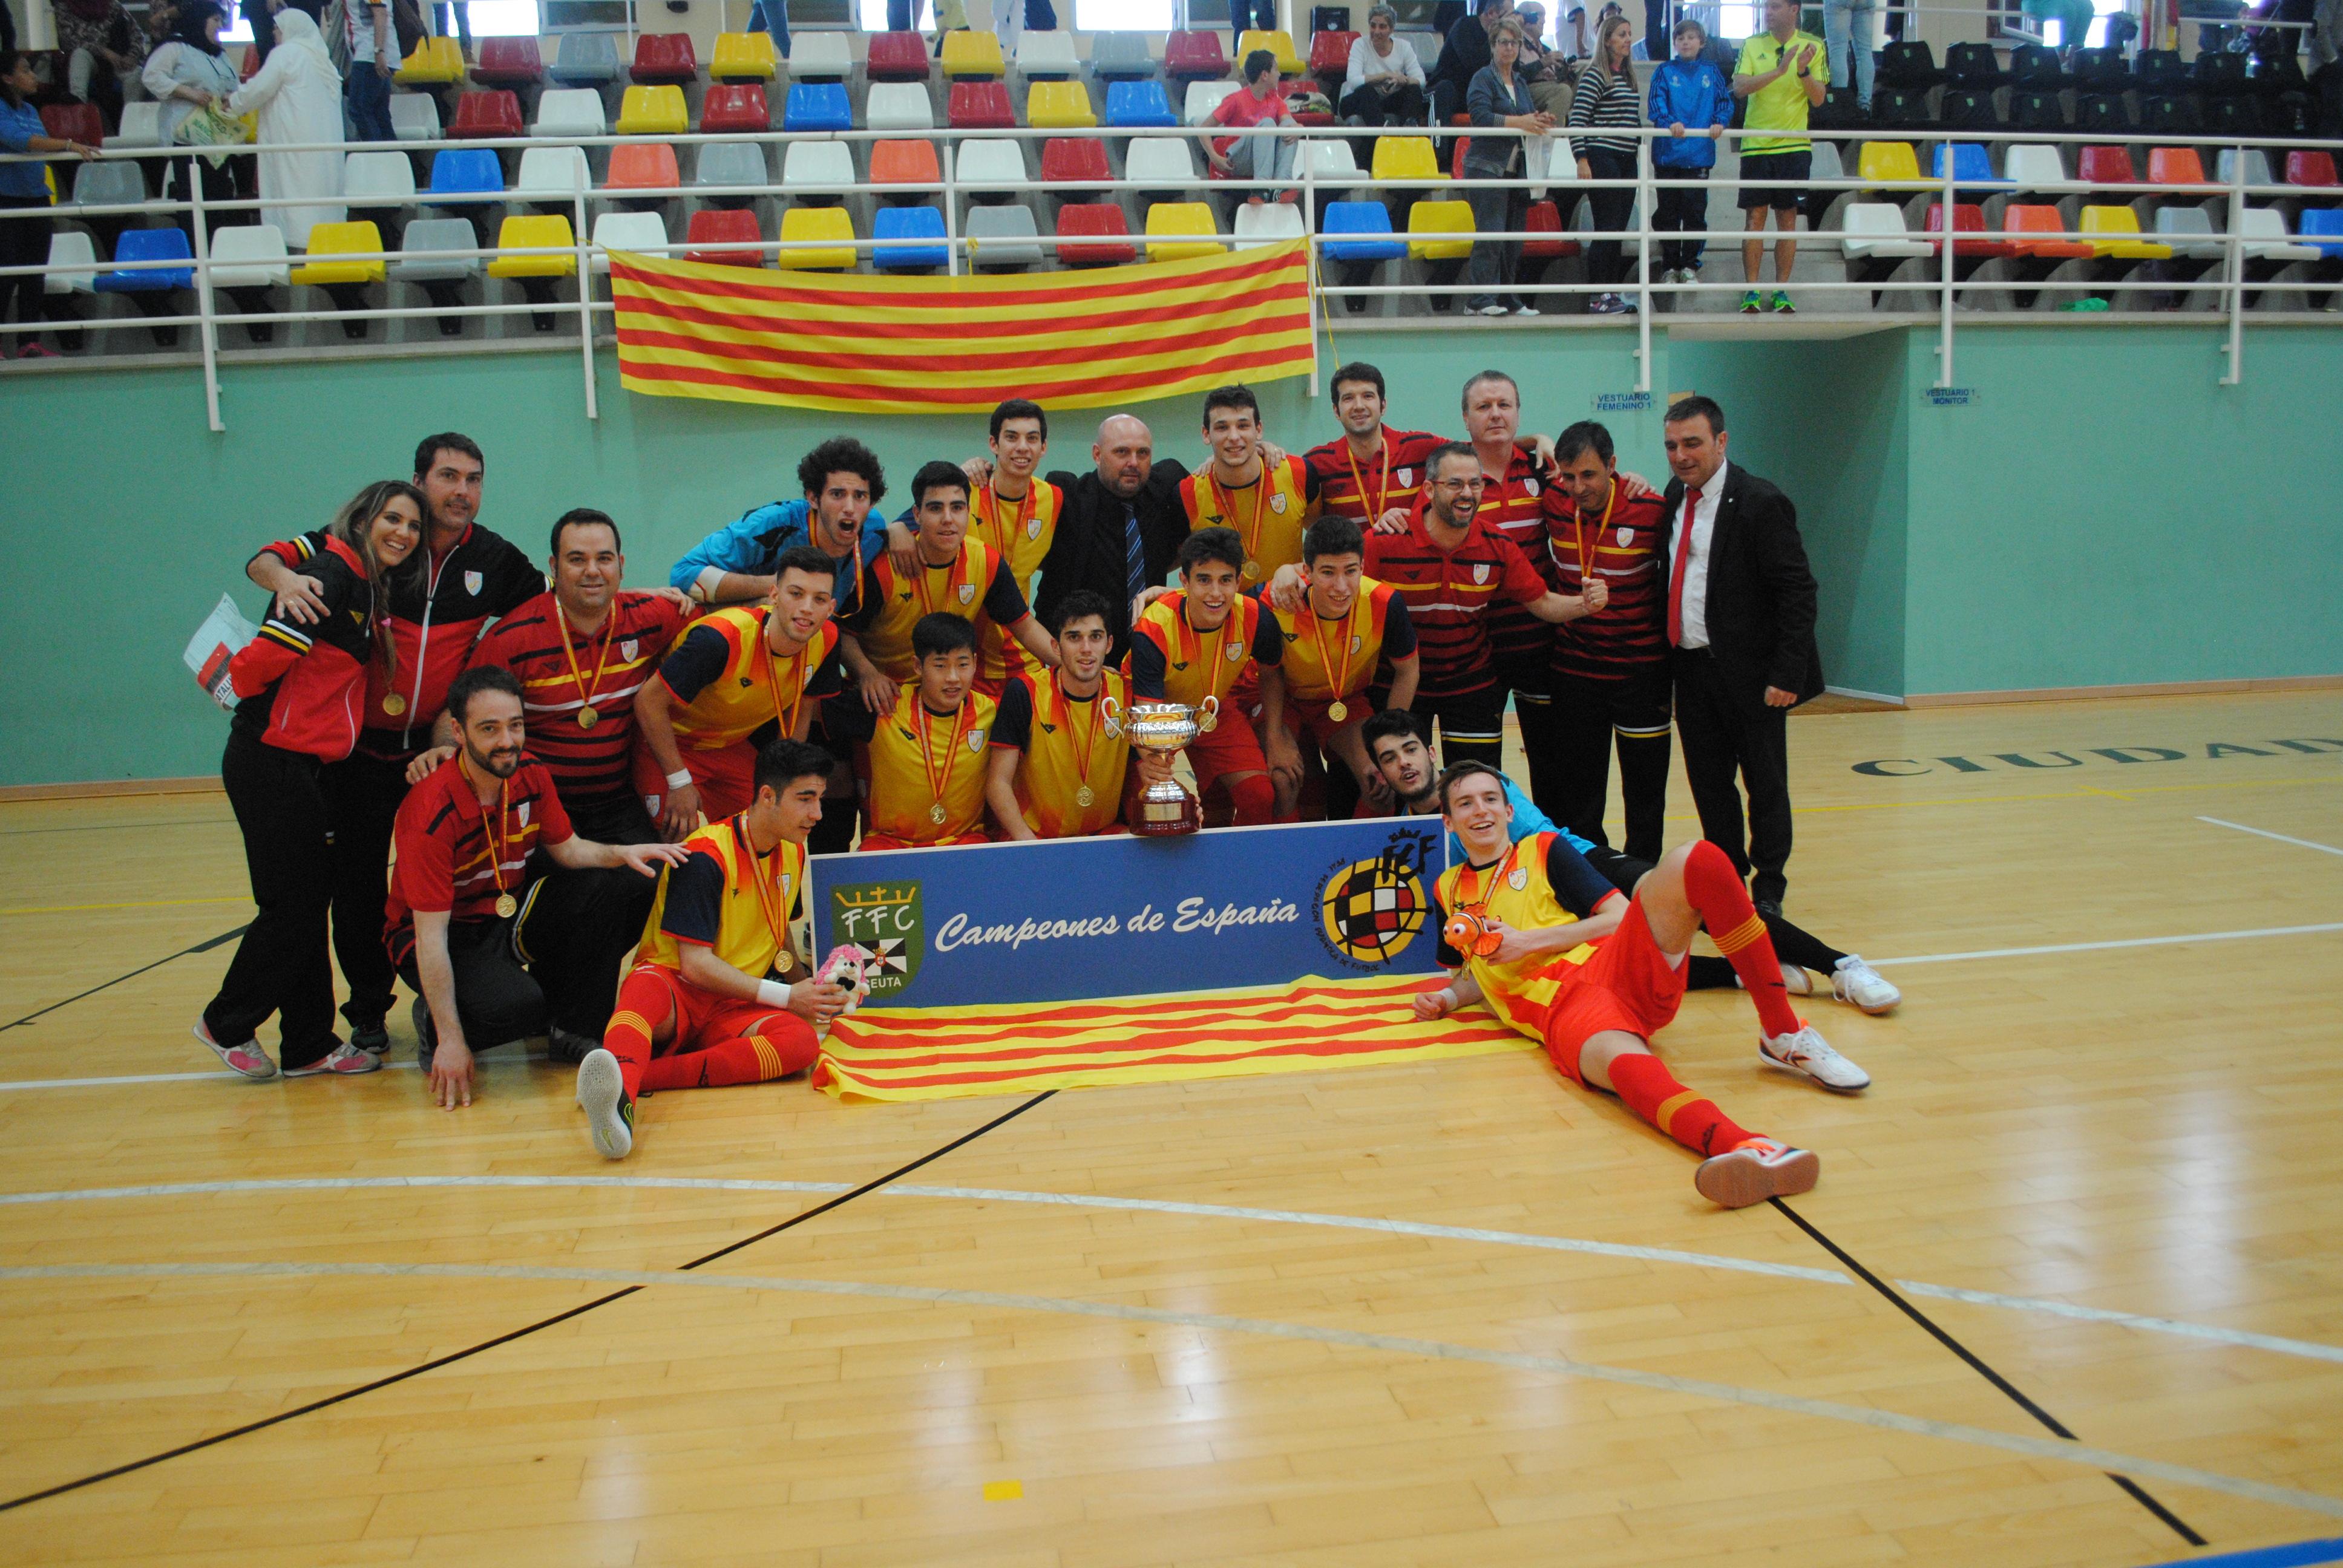 Campionat d'Espanya sub 19 aconseguit a Ceuta (2015-2016)